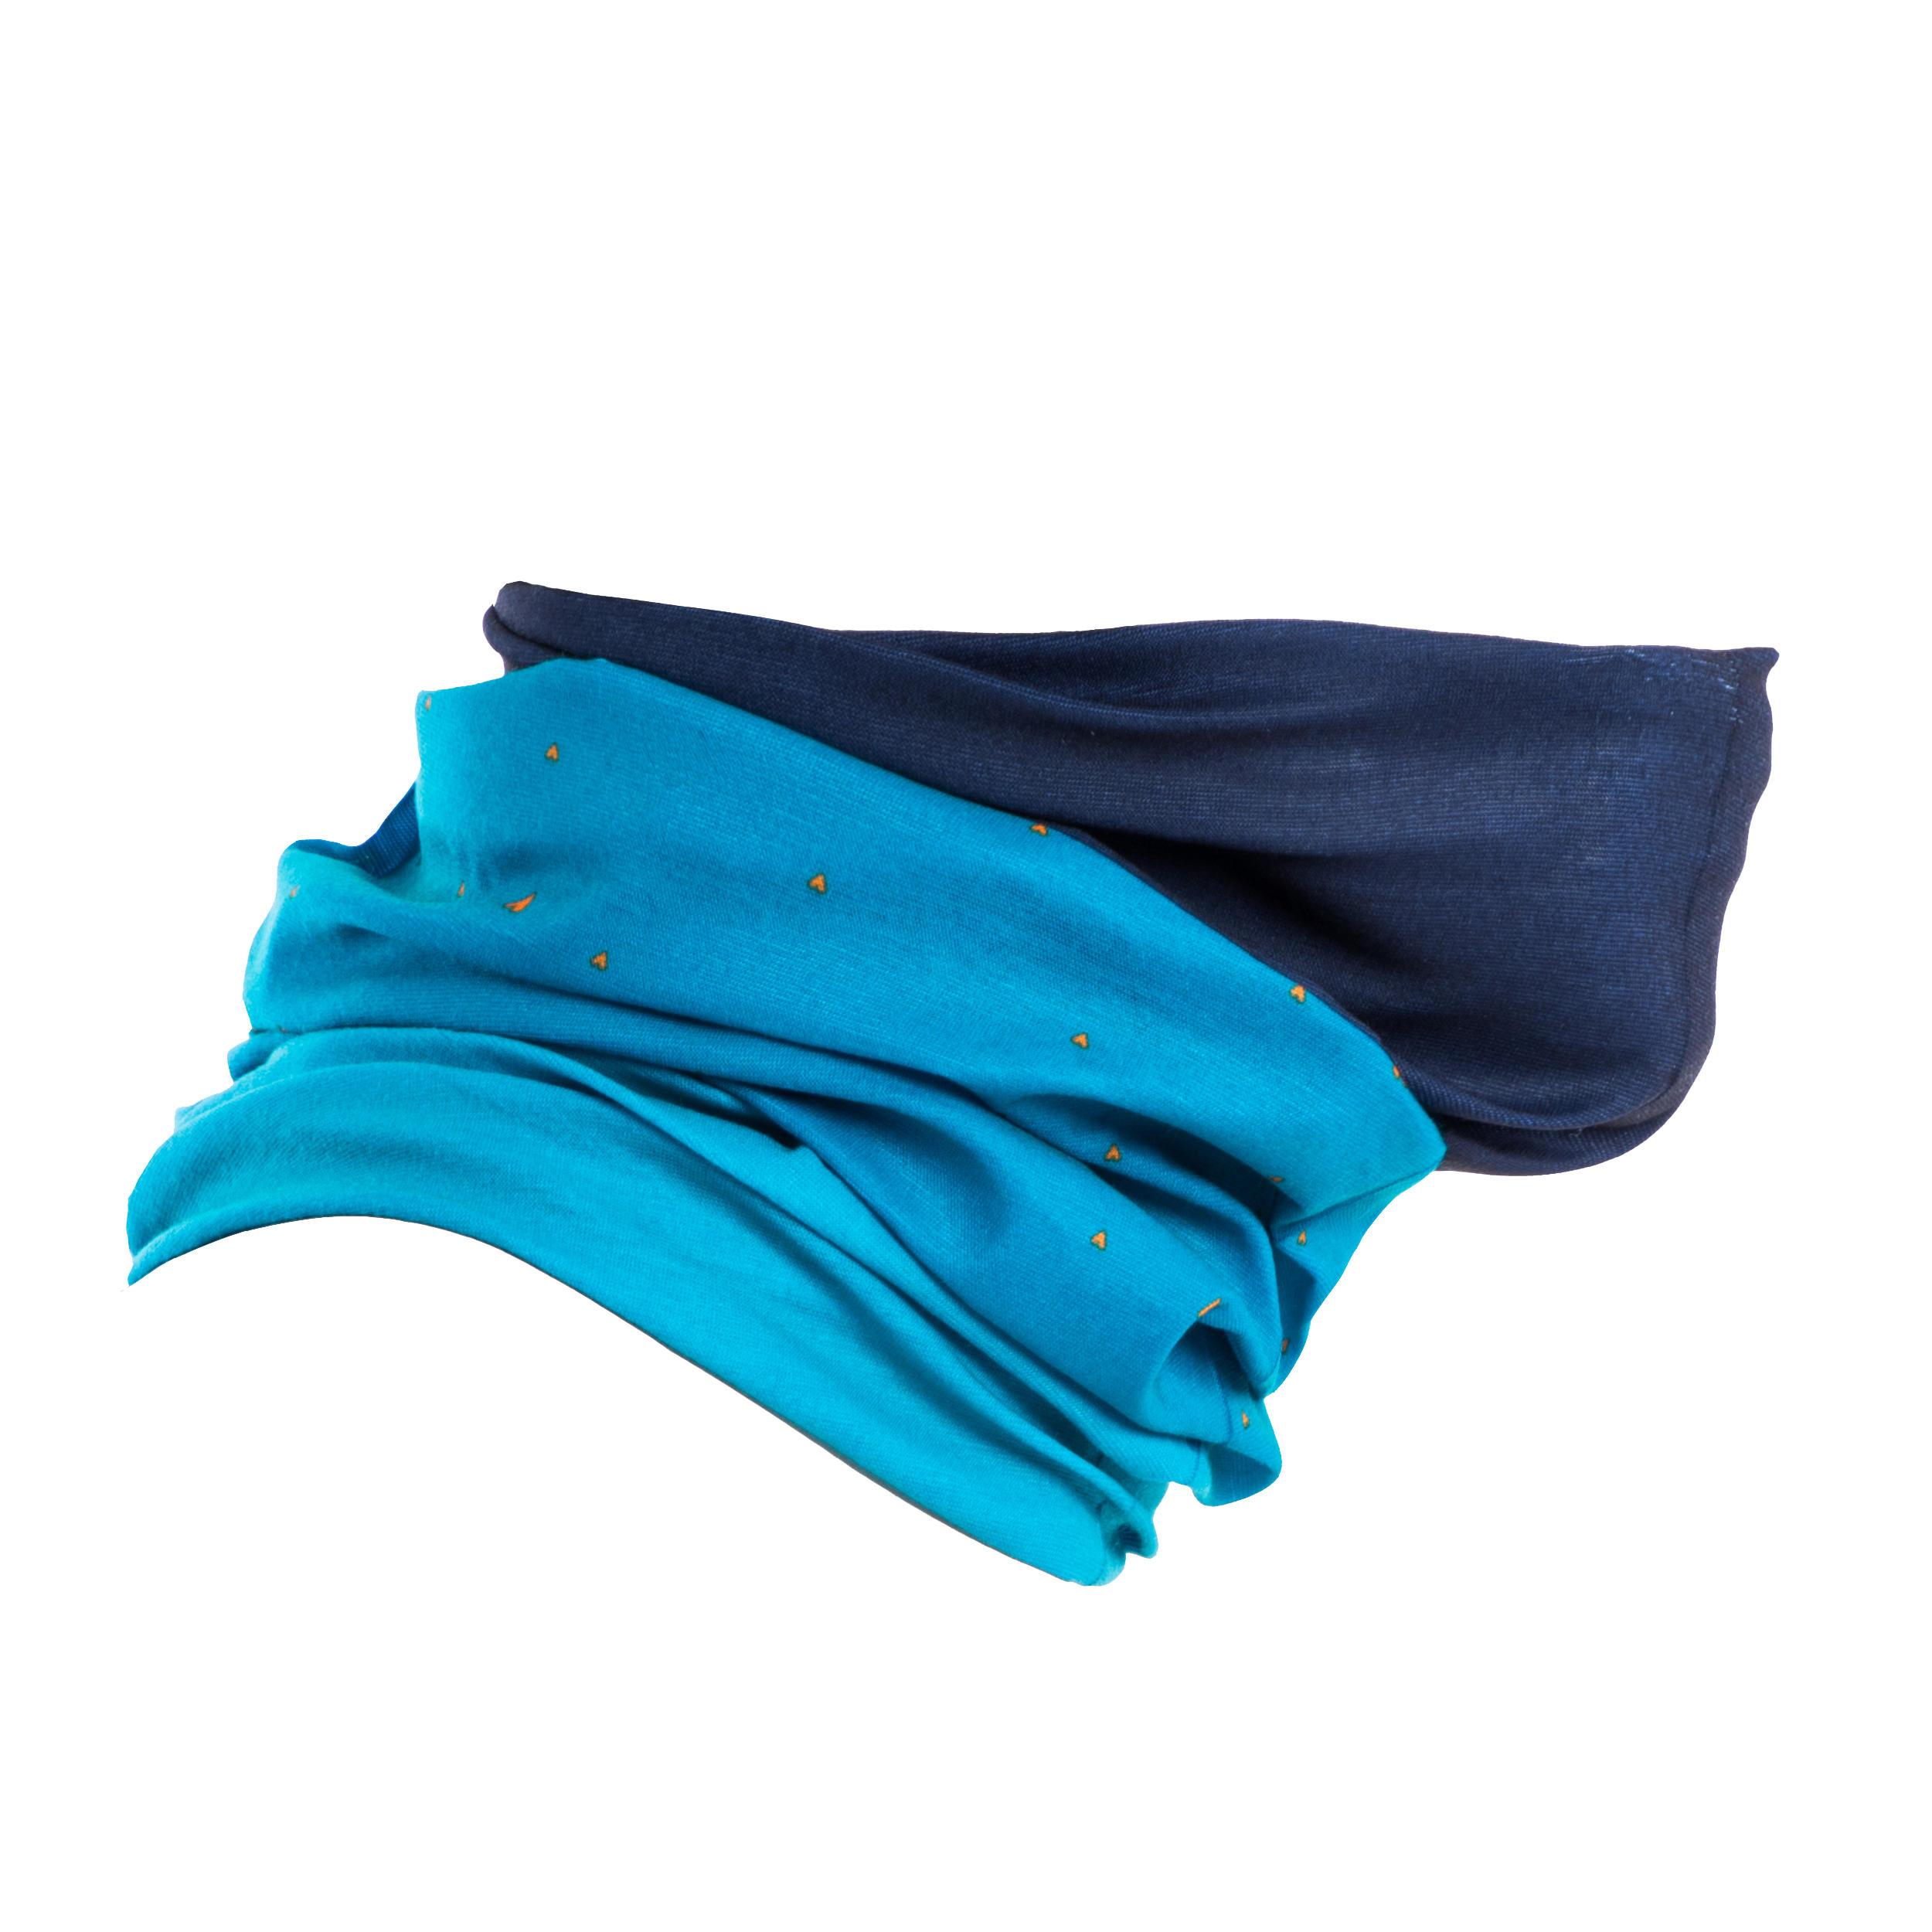 Schlauchtuch Rennrad RR 100 blau | Accessoires > Schals & Tücher > Tücher | Blau - Türkis | B´twin